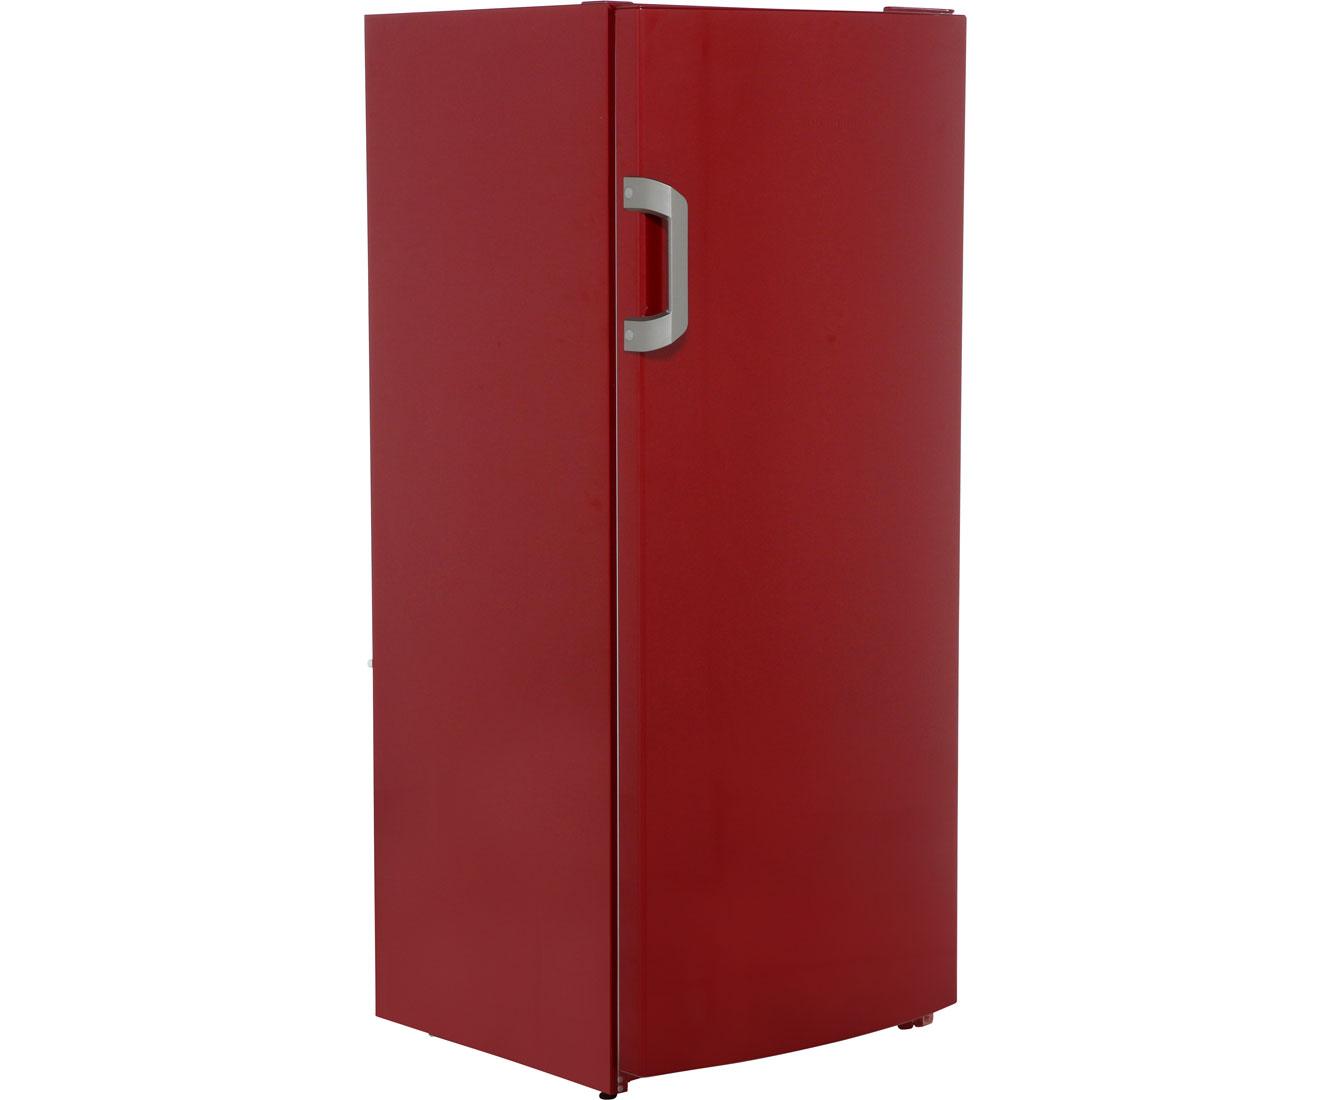 Gorenje Kühlschrank Ohne Gefrierfach : Gorenje spartage bei ao z b rote retro kühlschränke ab